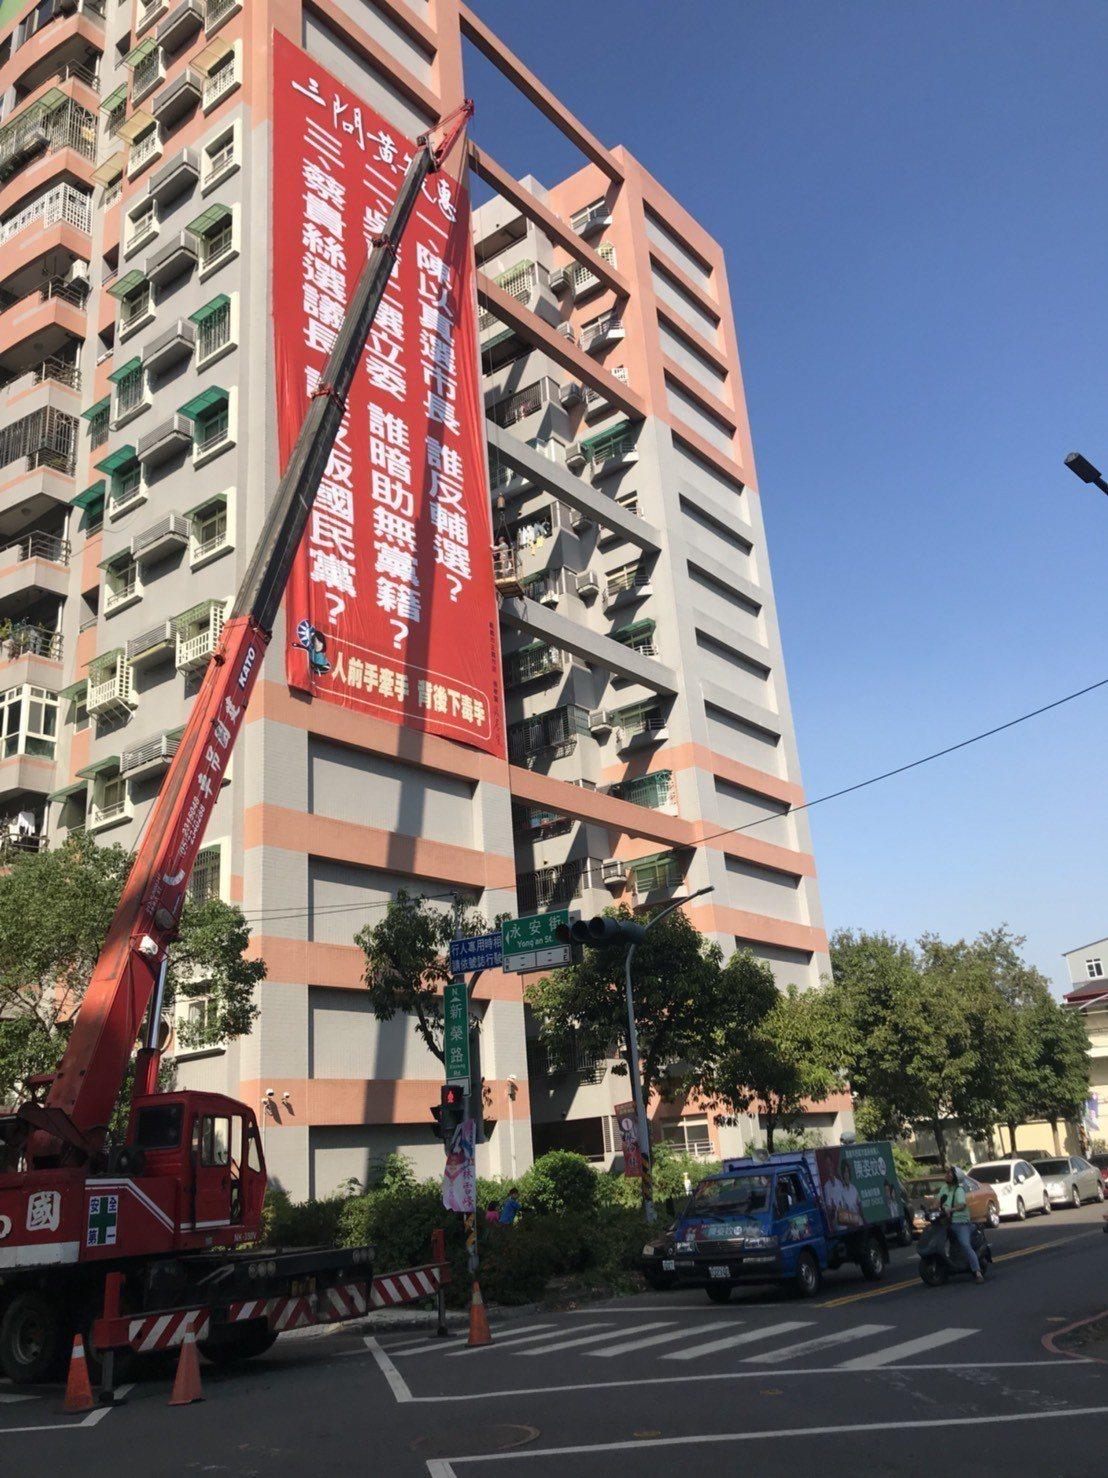 嘉義市民今天經過新榮和永安路口,看到眷村經國新城外牆掛上一幅廣告刊版,吸引民眾注...